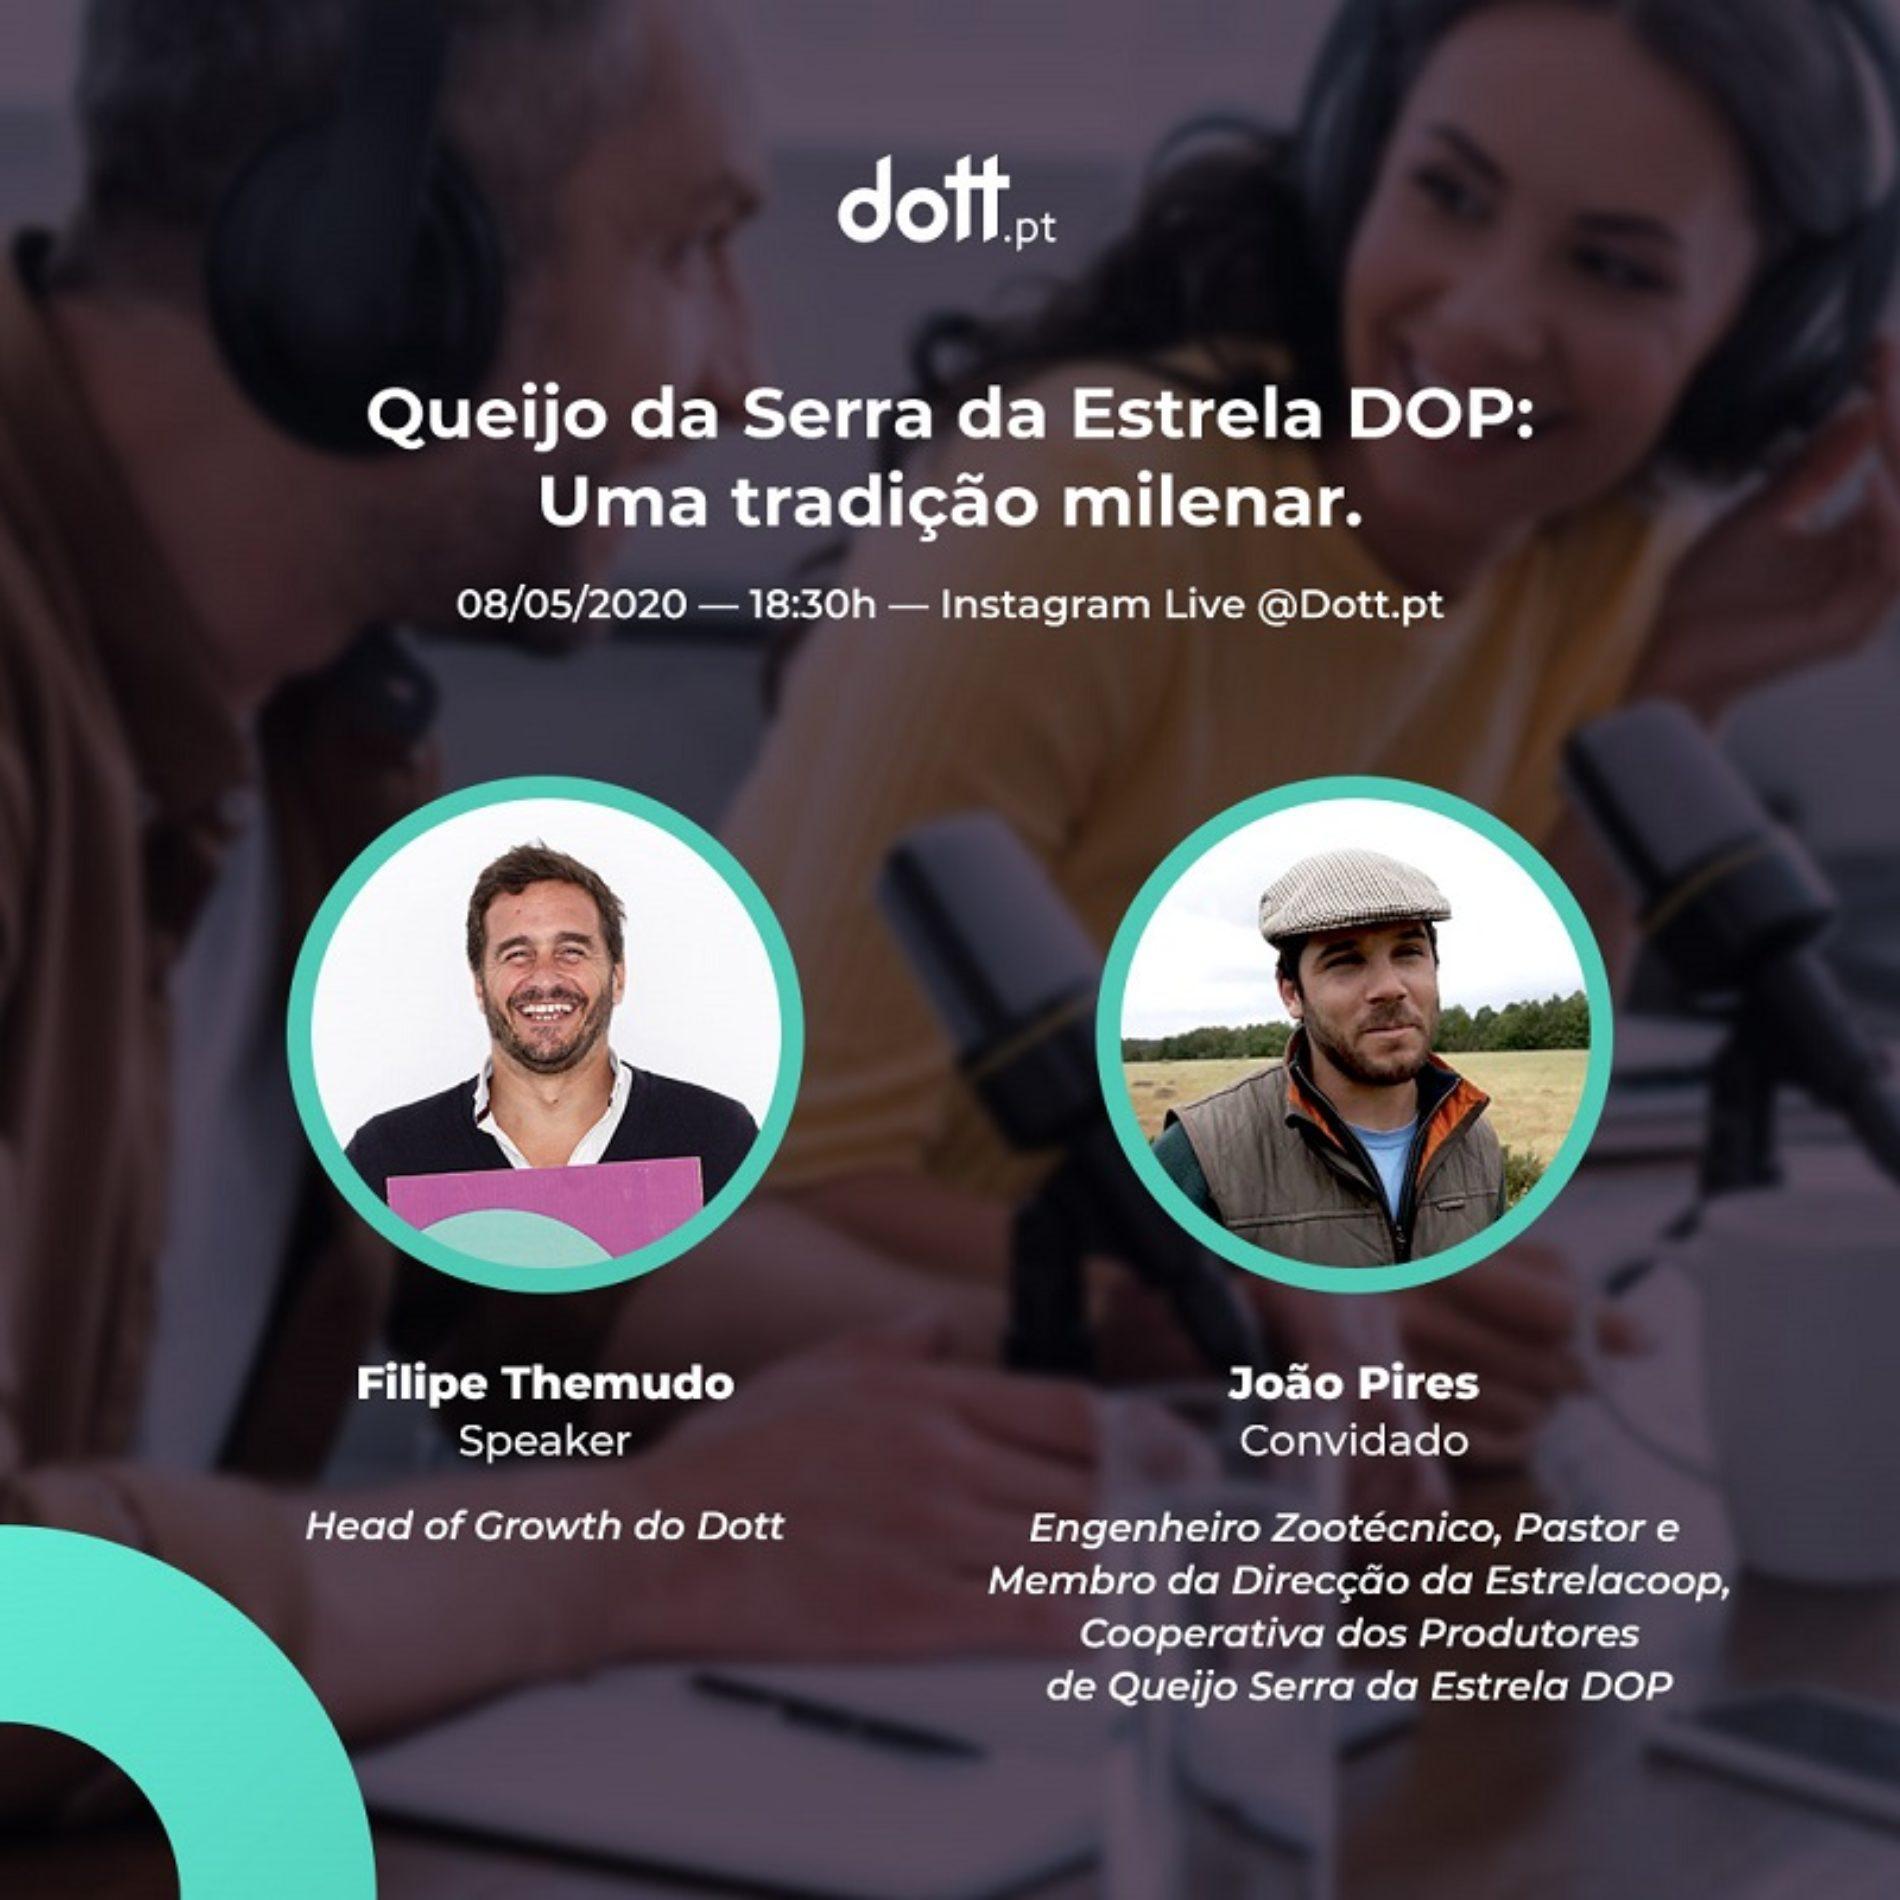 História milenar do queijo Serra da Estrela DOP apresentada em live stream